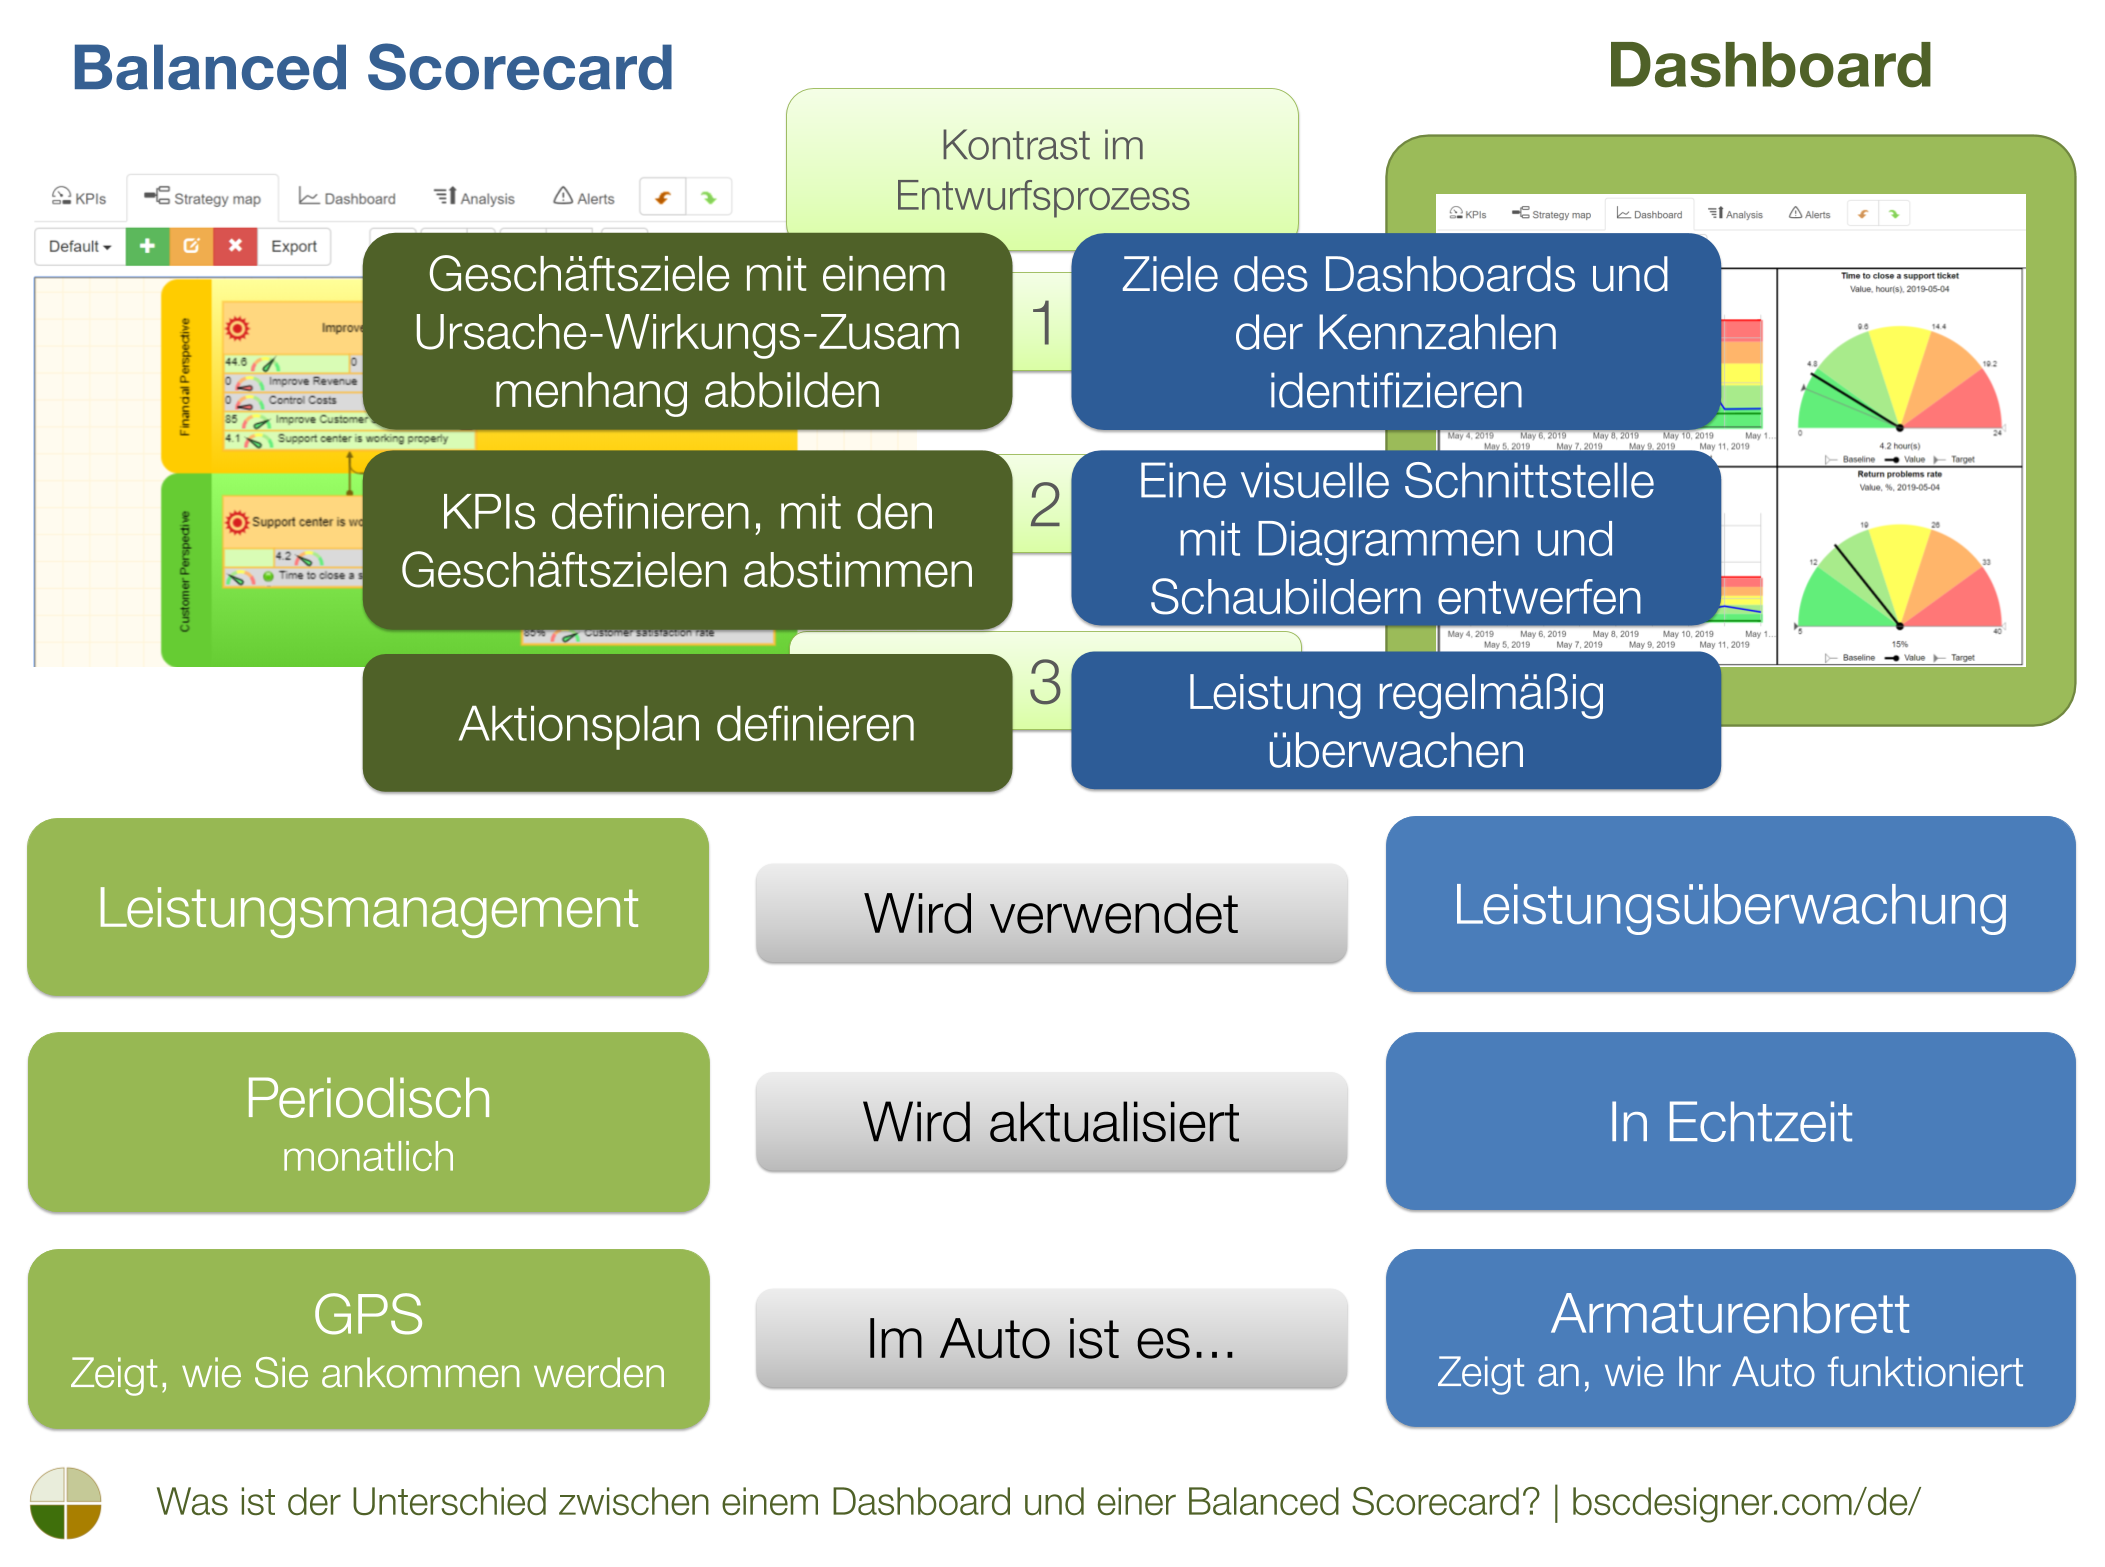 Was ist der Unterschied zwischen einem Dashboard und einer Balanced Scorecard?